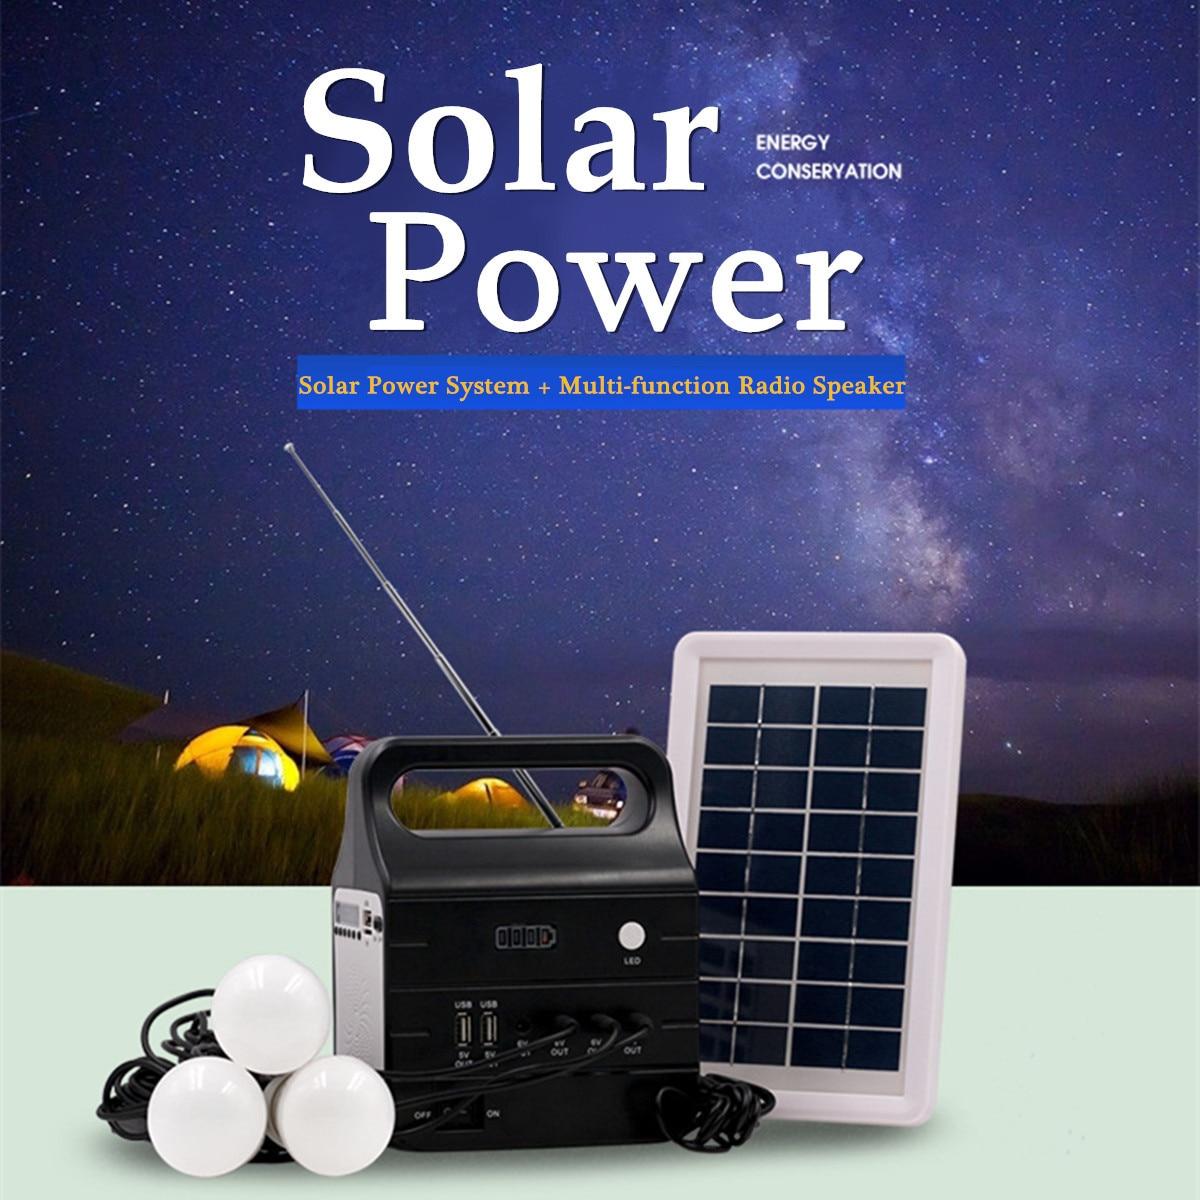 цены на 220V/3A 25W Solar Power Panel Generator + Solar Power Panel with 2xLED Bulb Solar-charging Multiple Environmental Protection